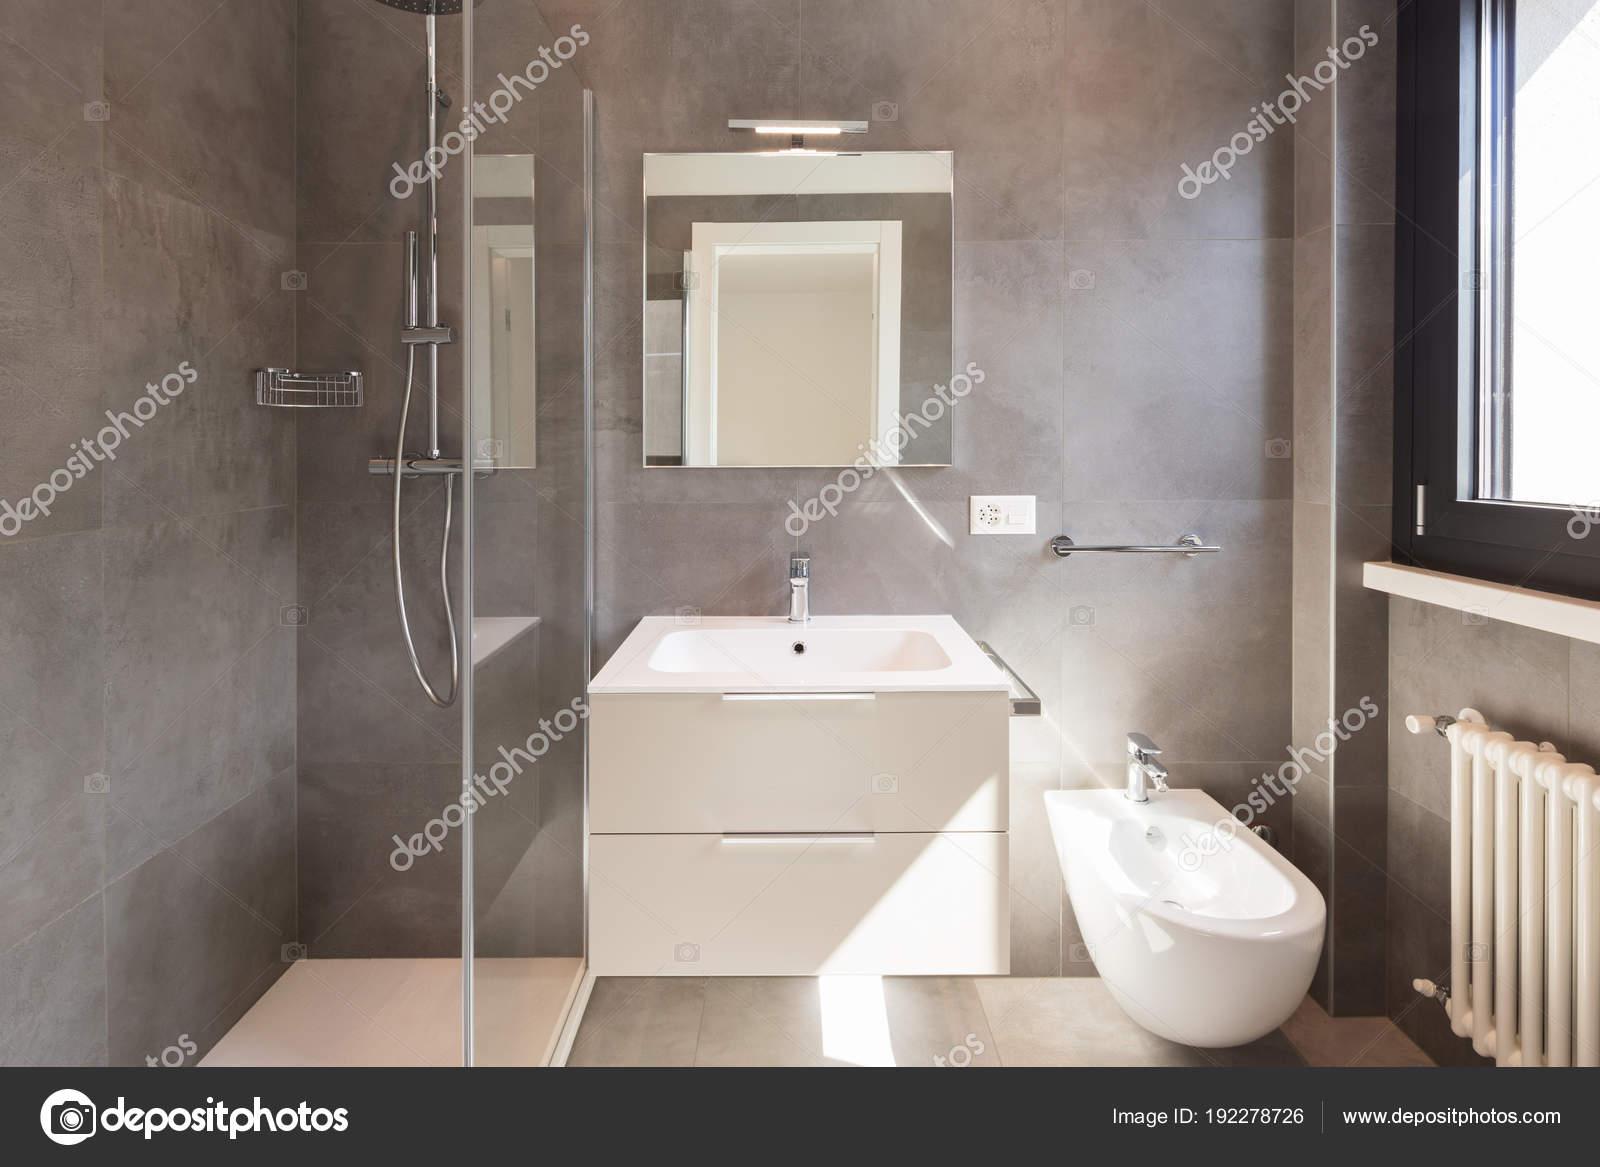 Moderno bagno con piastrelle di grandi dimensioni u2014 foto stock